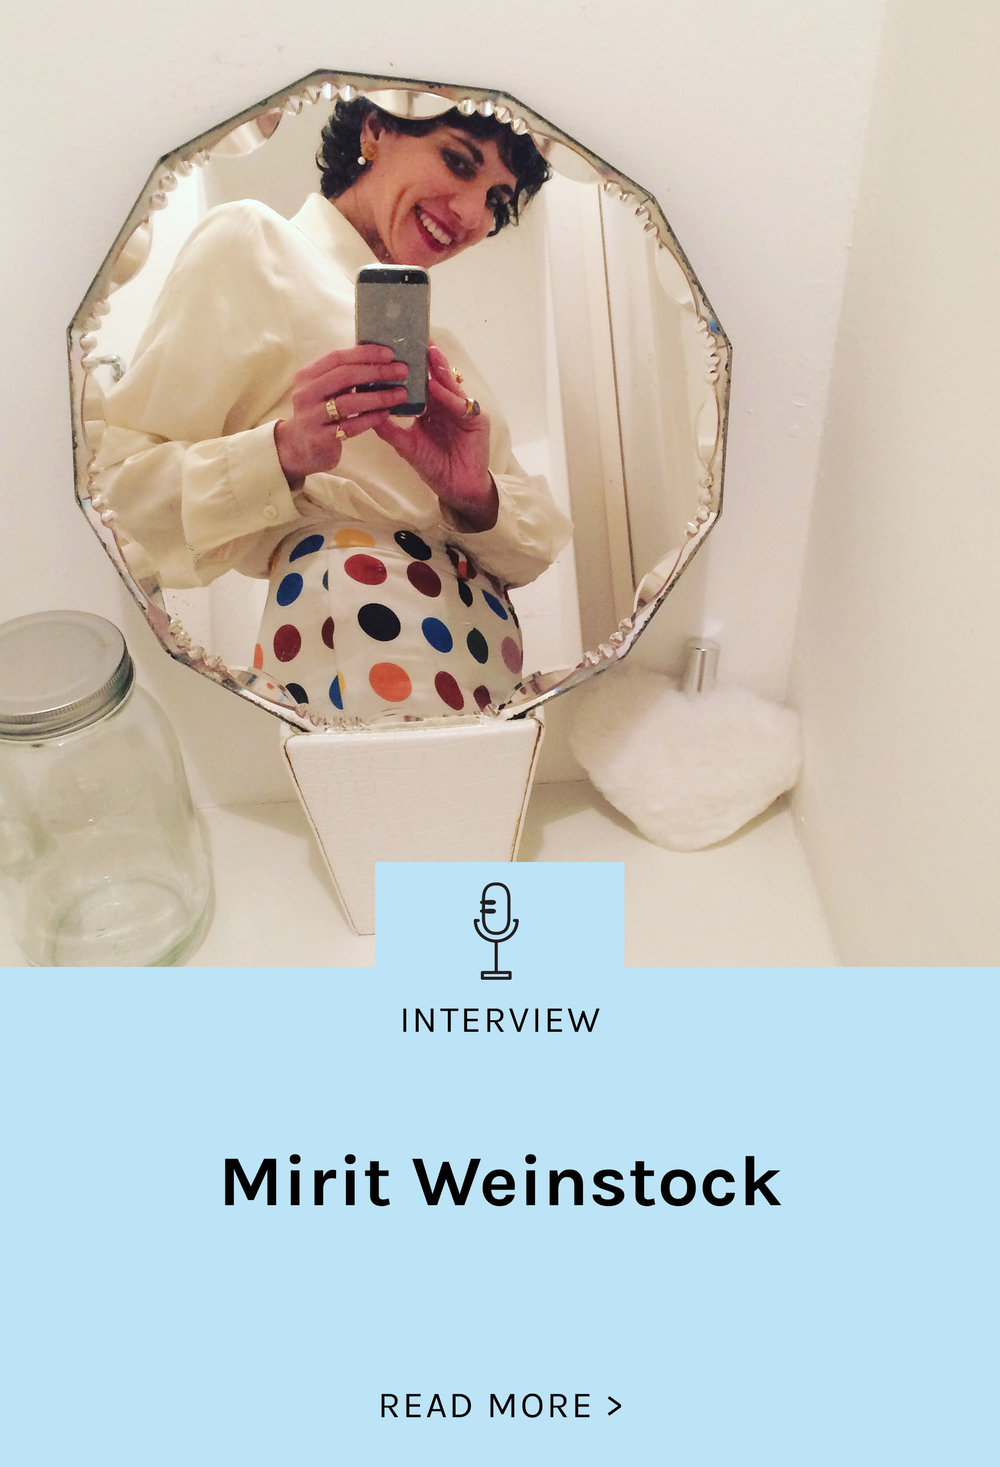 MiritWeinstock-Interview-BlogLanding.jpg